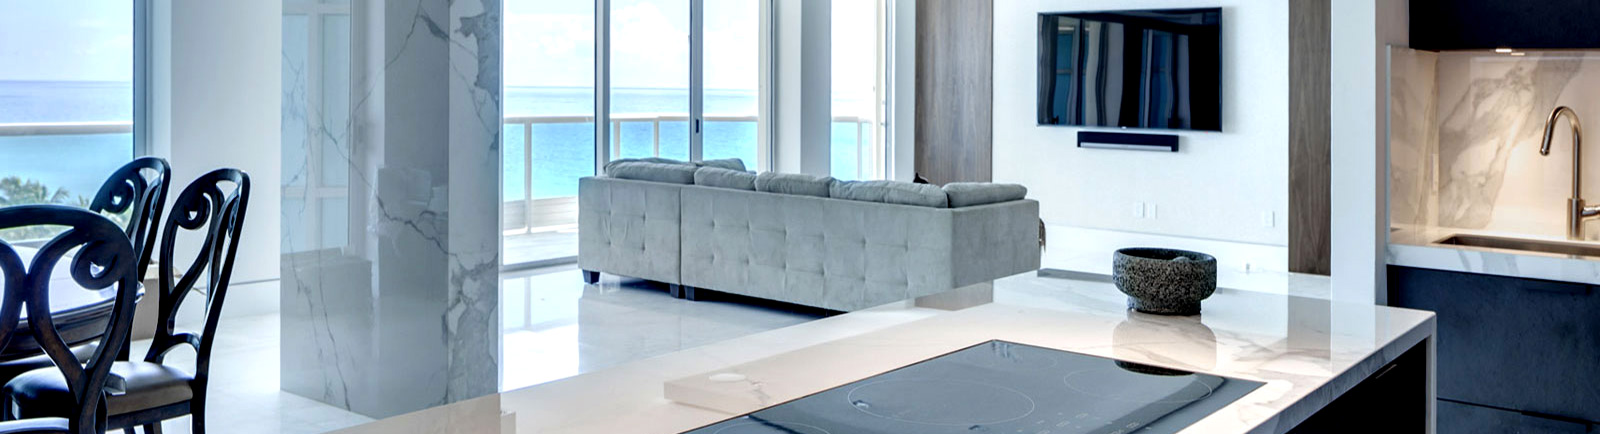 plan de travail en cramique avis plan de travail en cramique planceram minrale et non poreuse. Black Bedroom Furniture Sets. Home Design Ideas